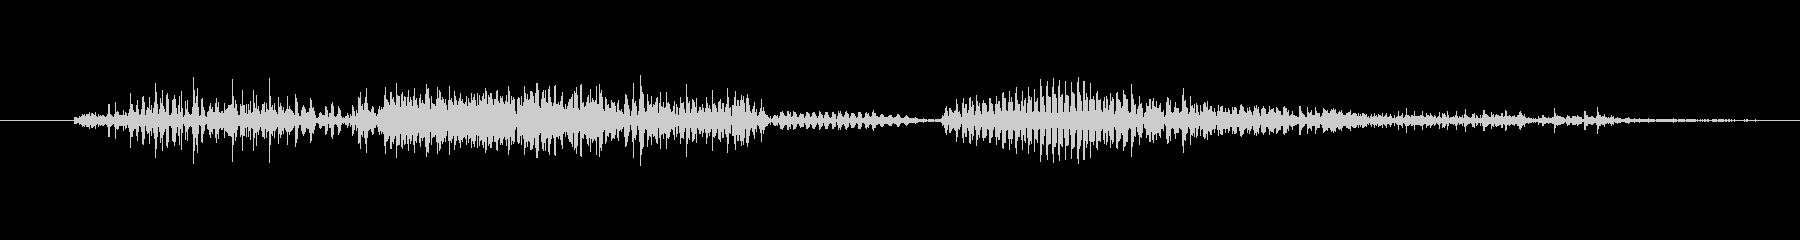 鳴き声 男性の呪い悪10の未再生の波形